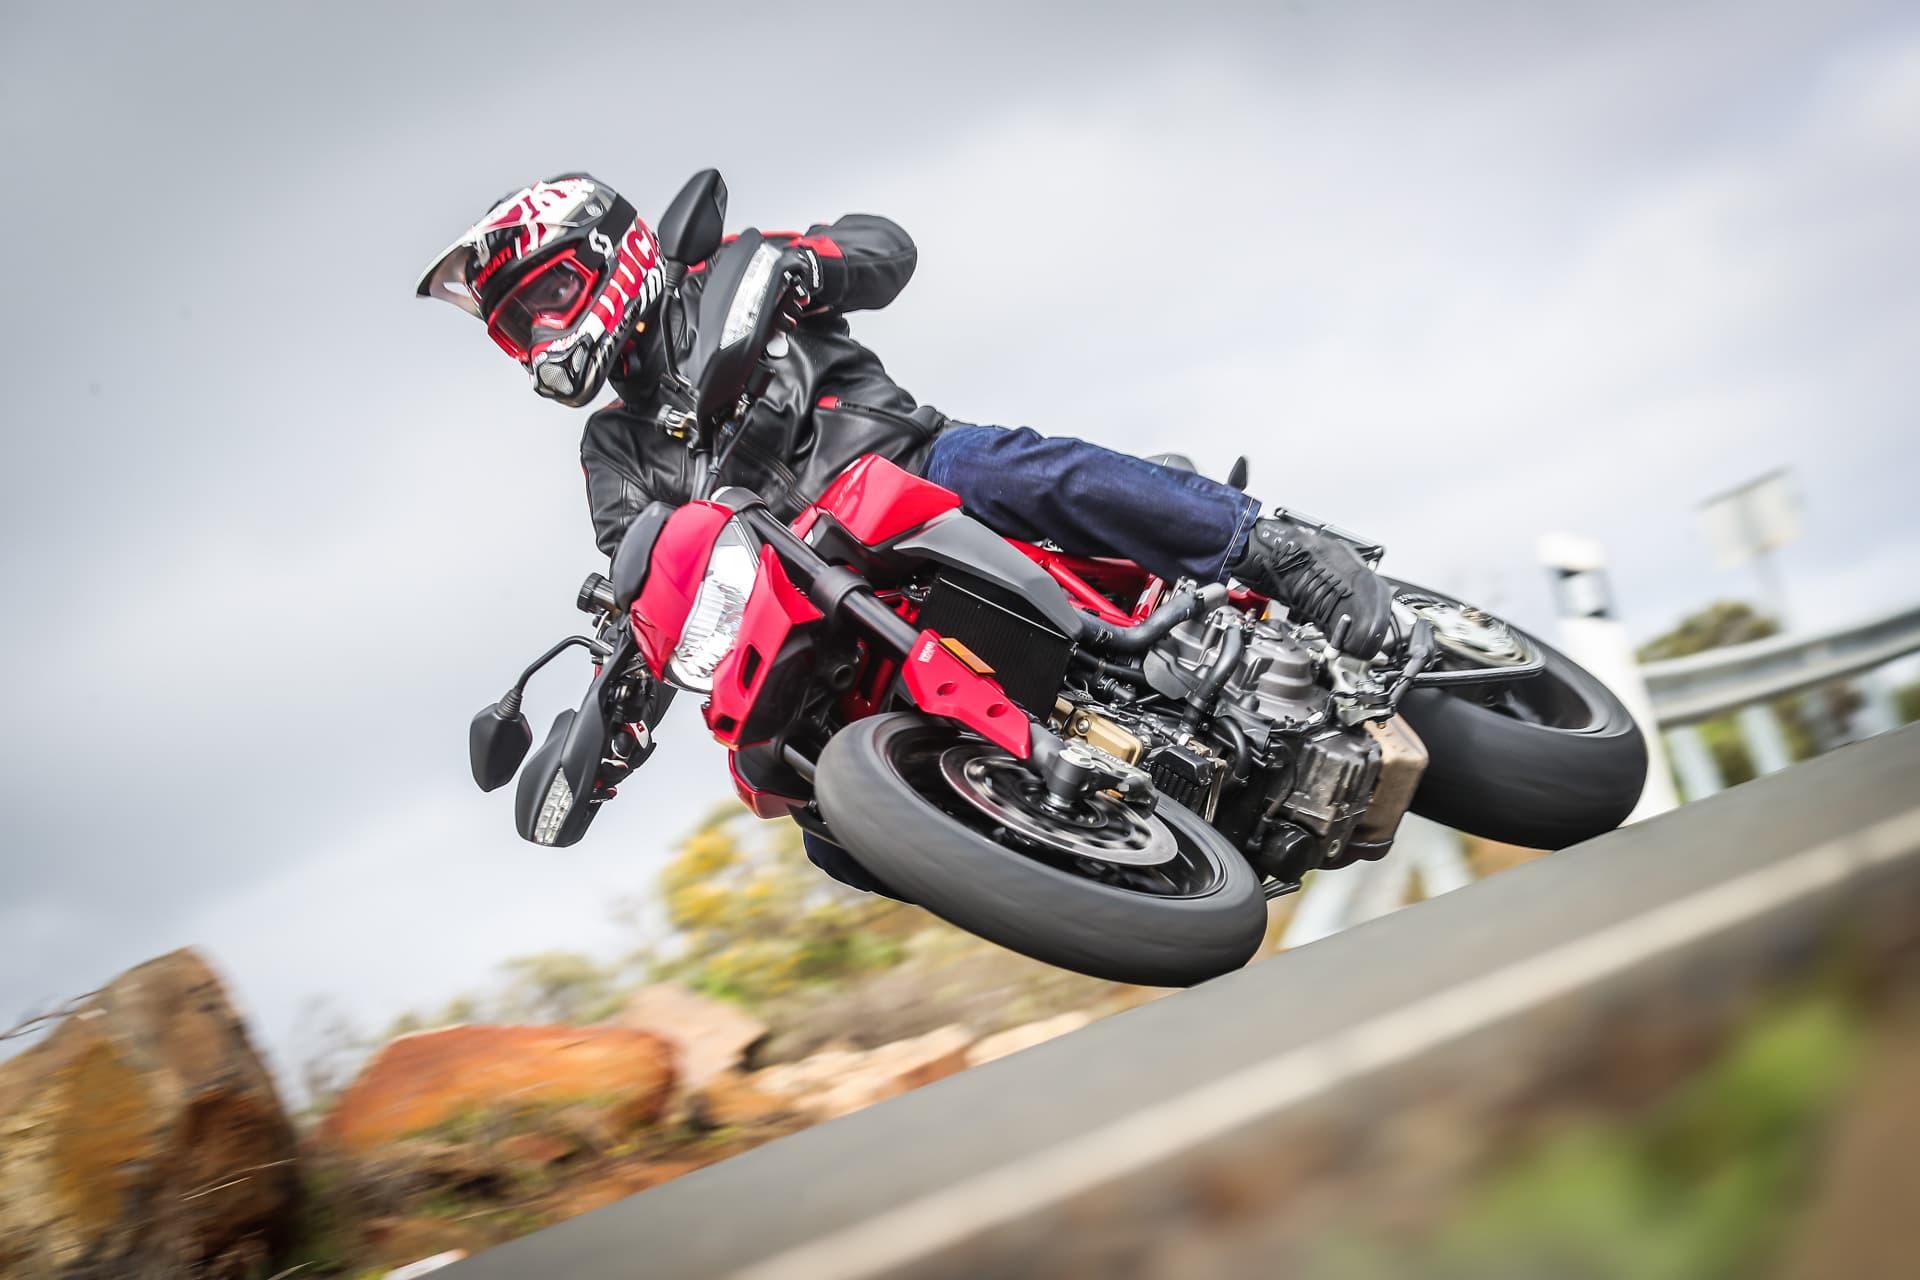 Ducati Hypermotard 950 Action 01 Uc70360 Mid